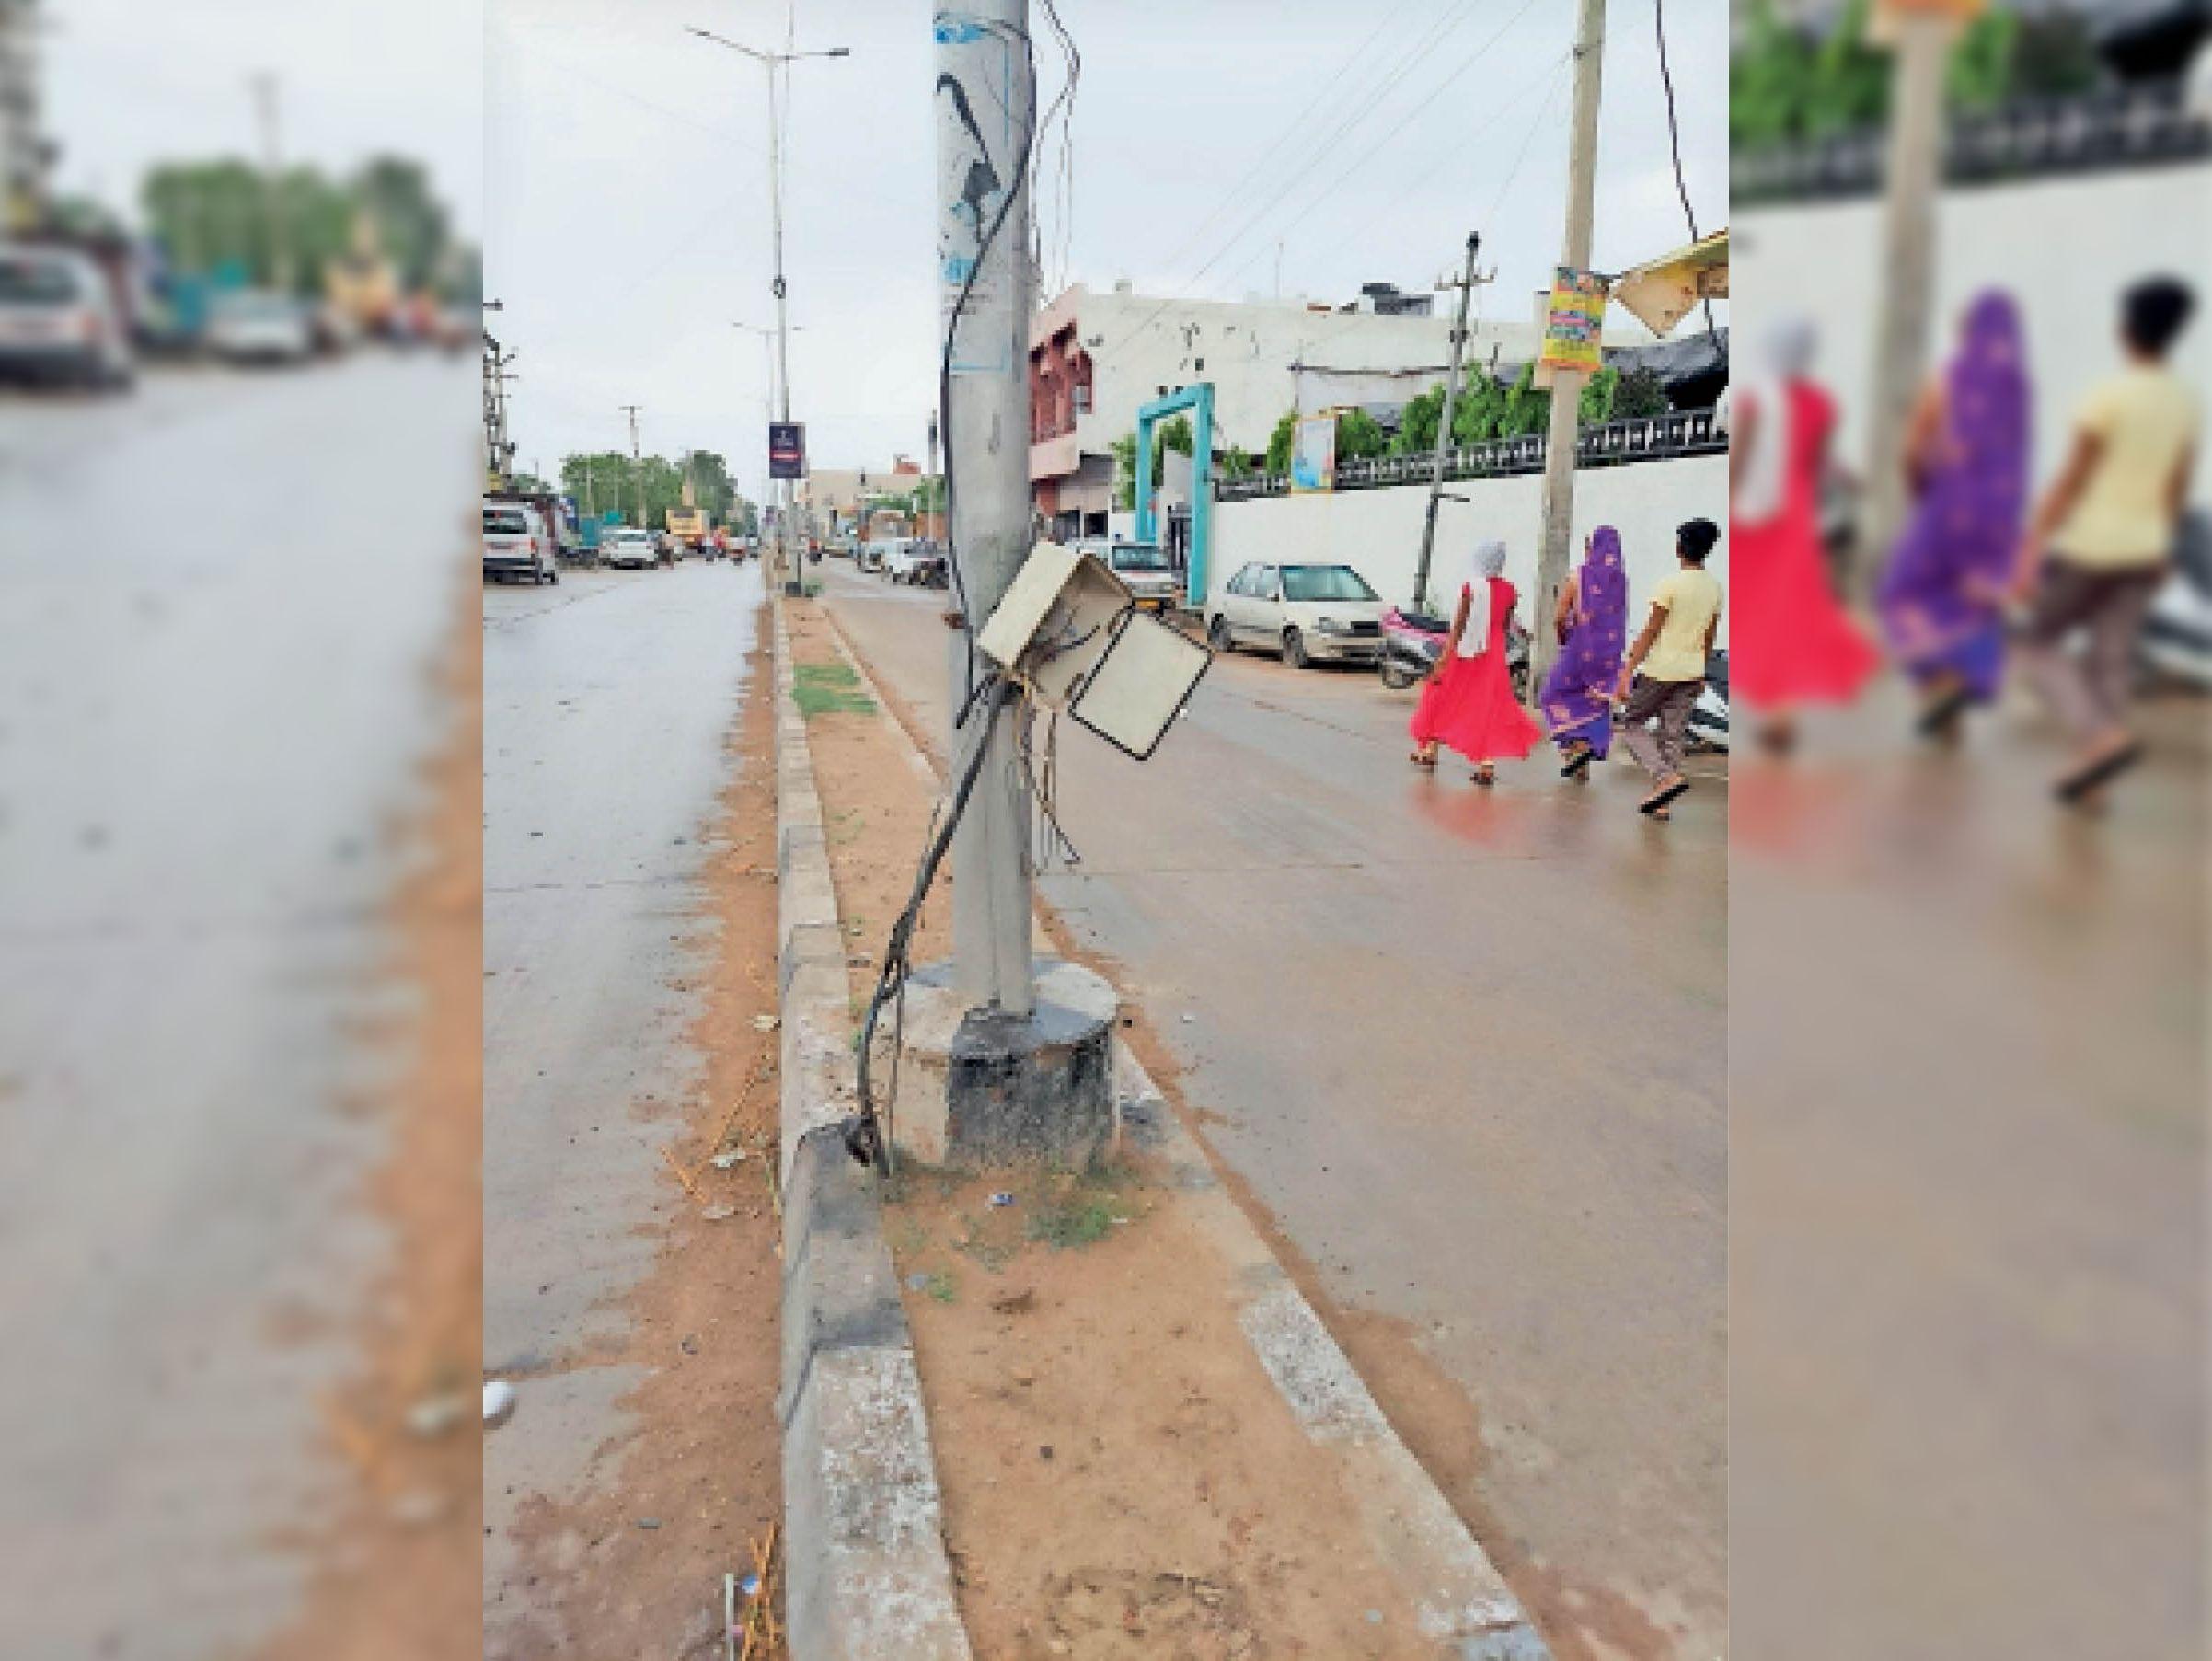 कोटा रोड पर लाइट के खंबो से बिजली के तार बाहर निकल रहे है। - Dainik Bhaskar